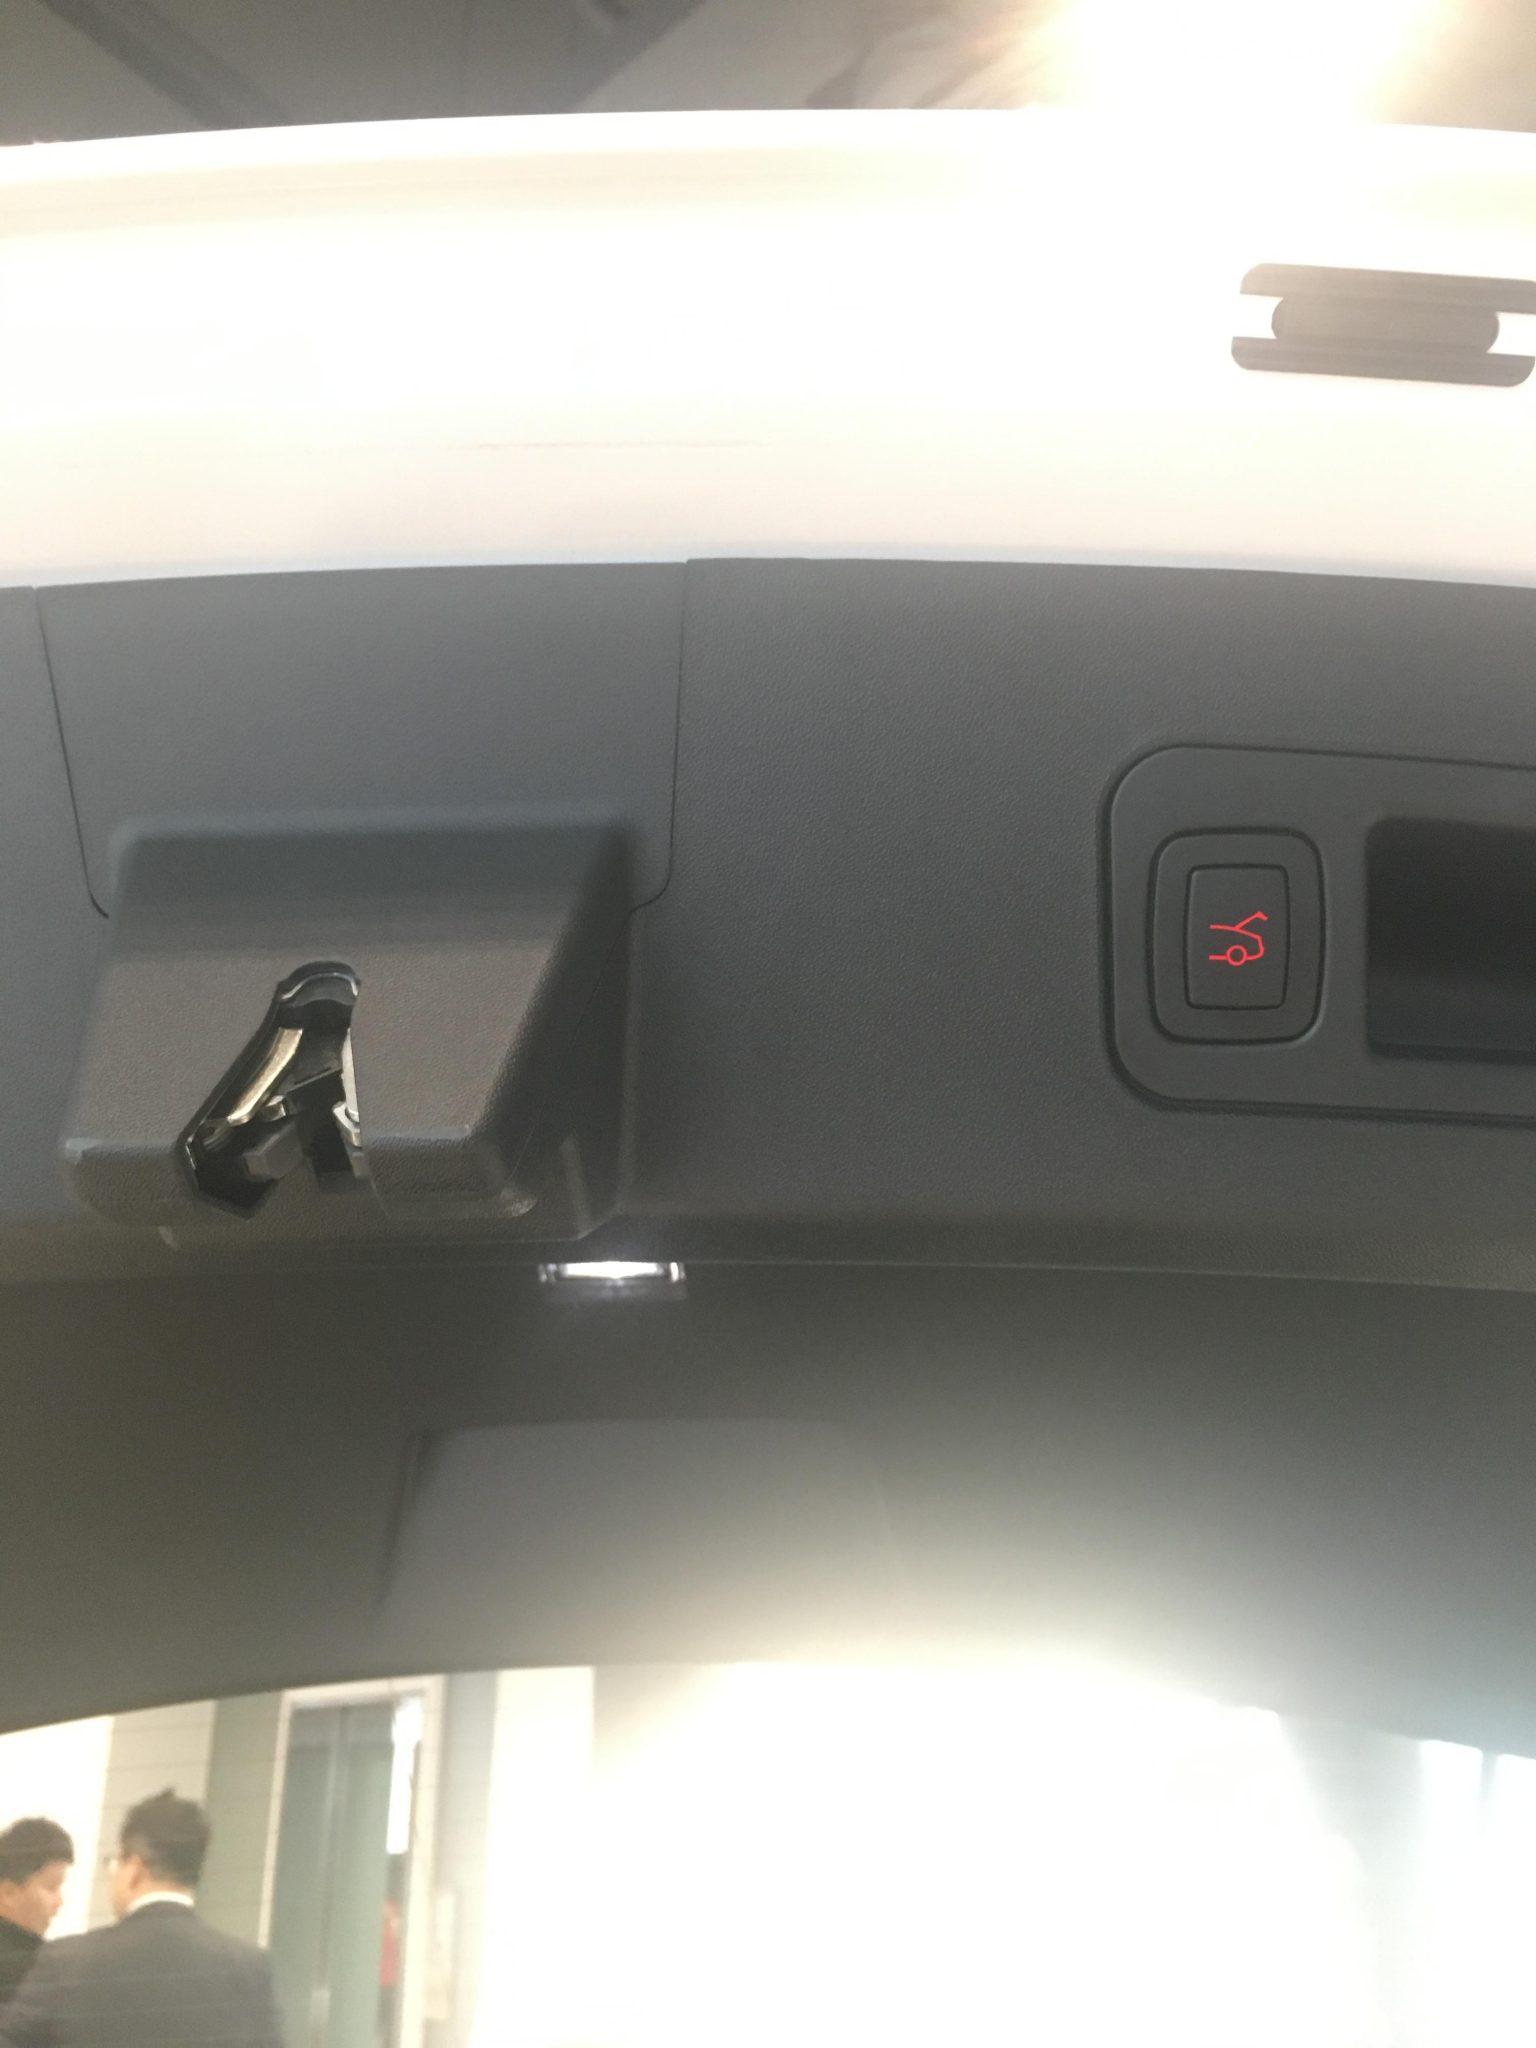 테슬라 모델 S 뒷 트렁크 자동 닫힘 스위치